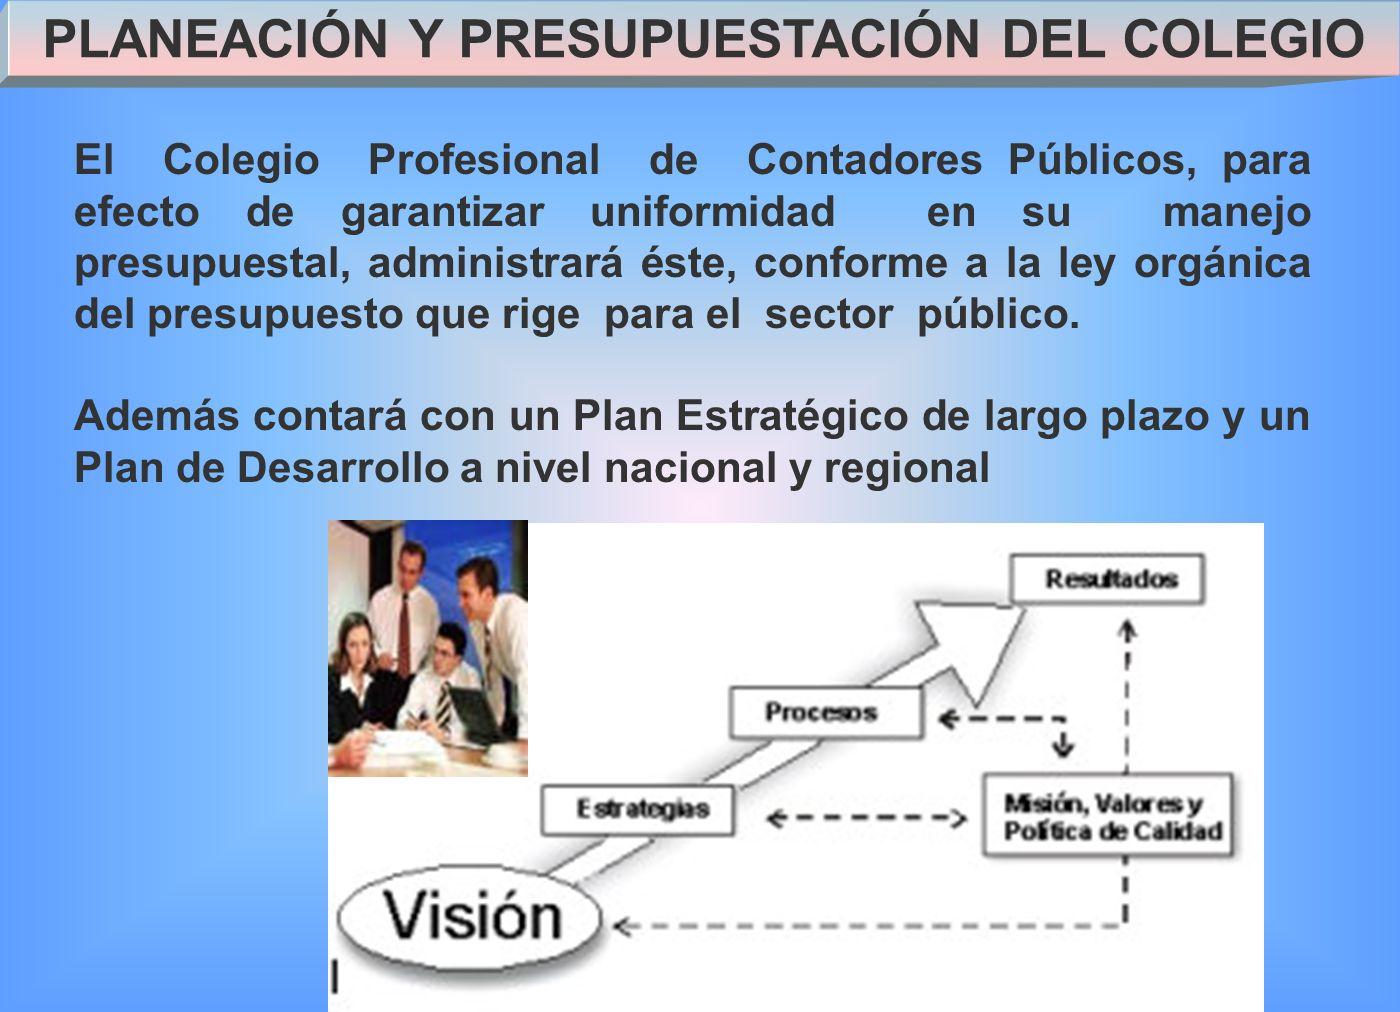 PLANEACIÓN Y PRESUPUESTACIÓN DEL COLEGIO